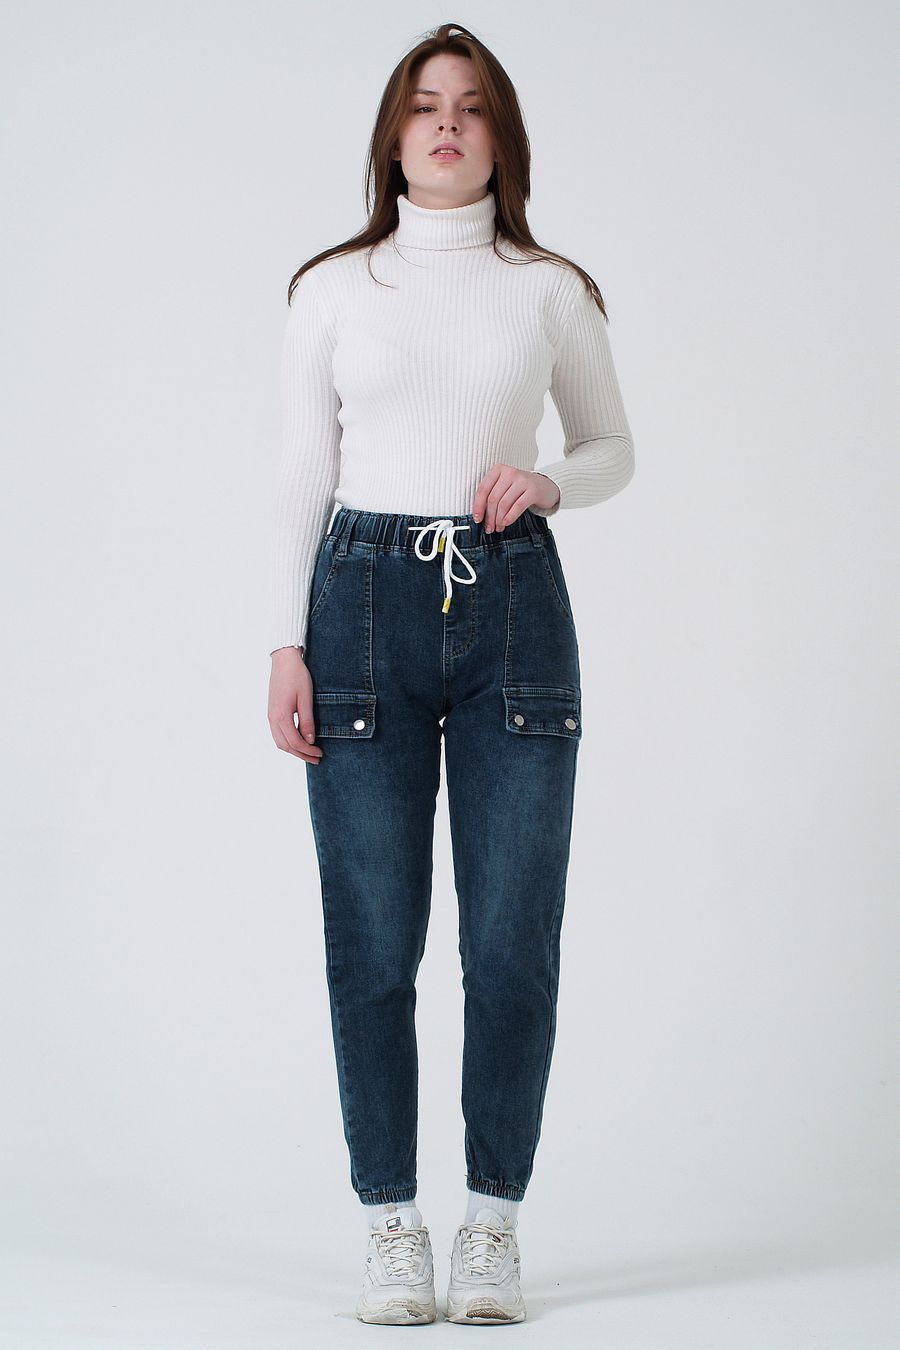 Джинсы женские K.Y Jeans 096 утепленные - фото 1